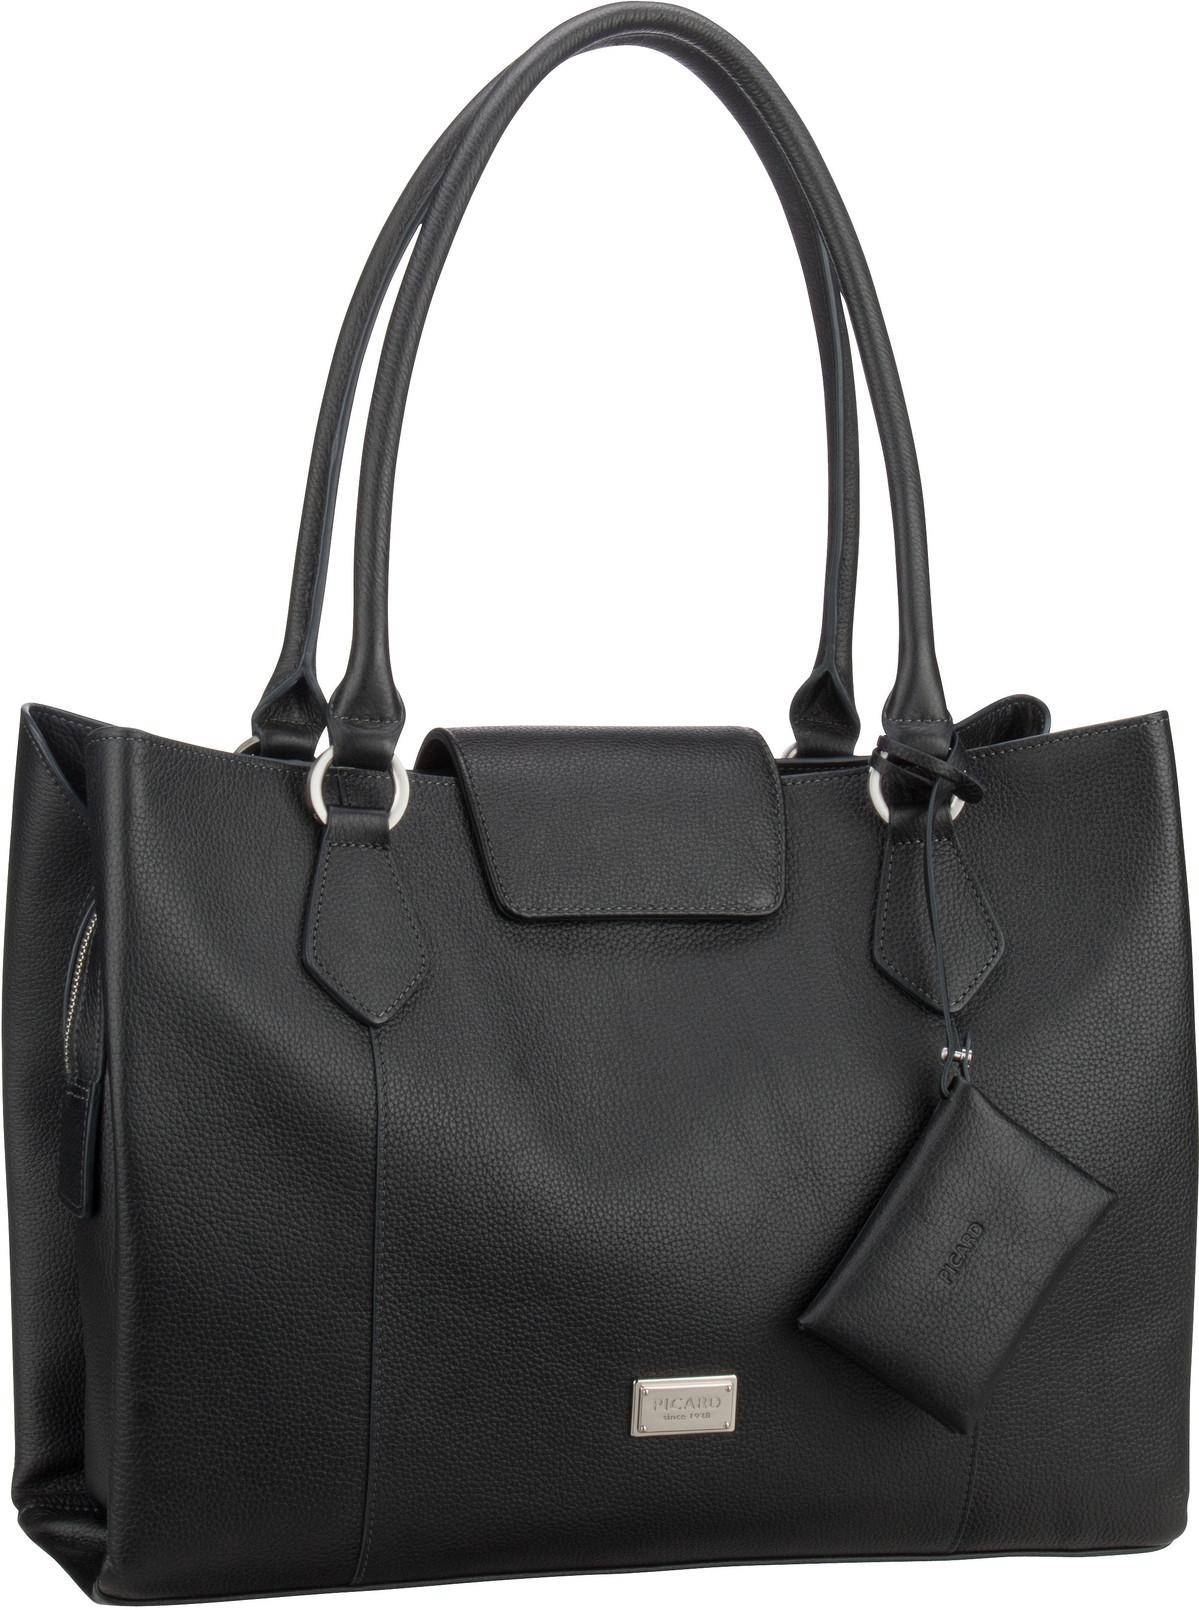 Handtasche Sammy 9658 Schwarz